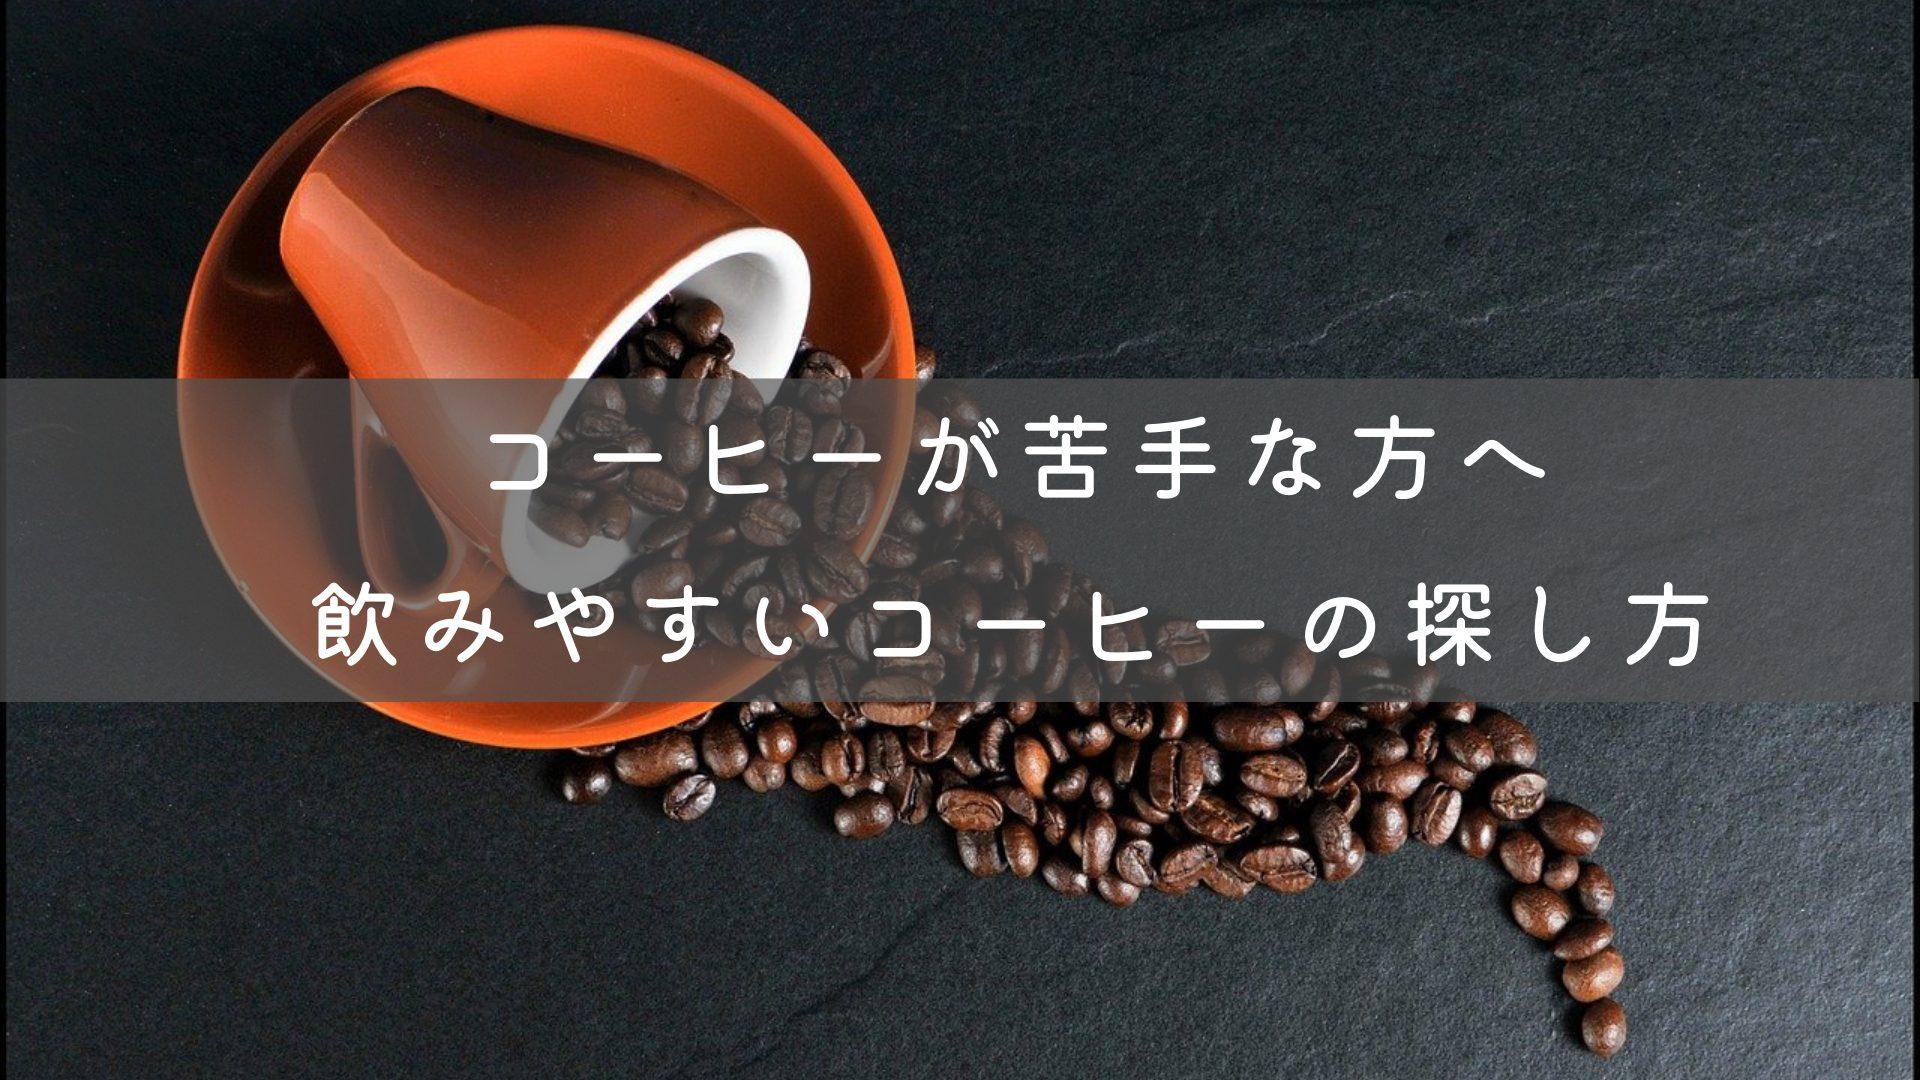 コーヒーが苦手なあなたへ